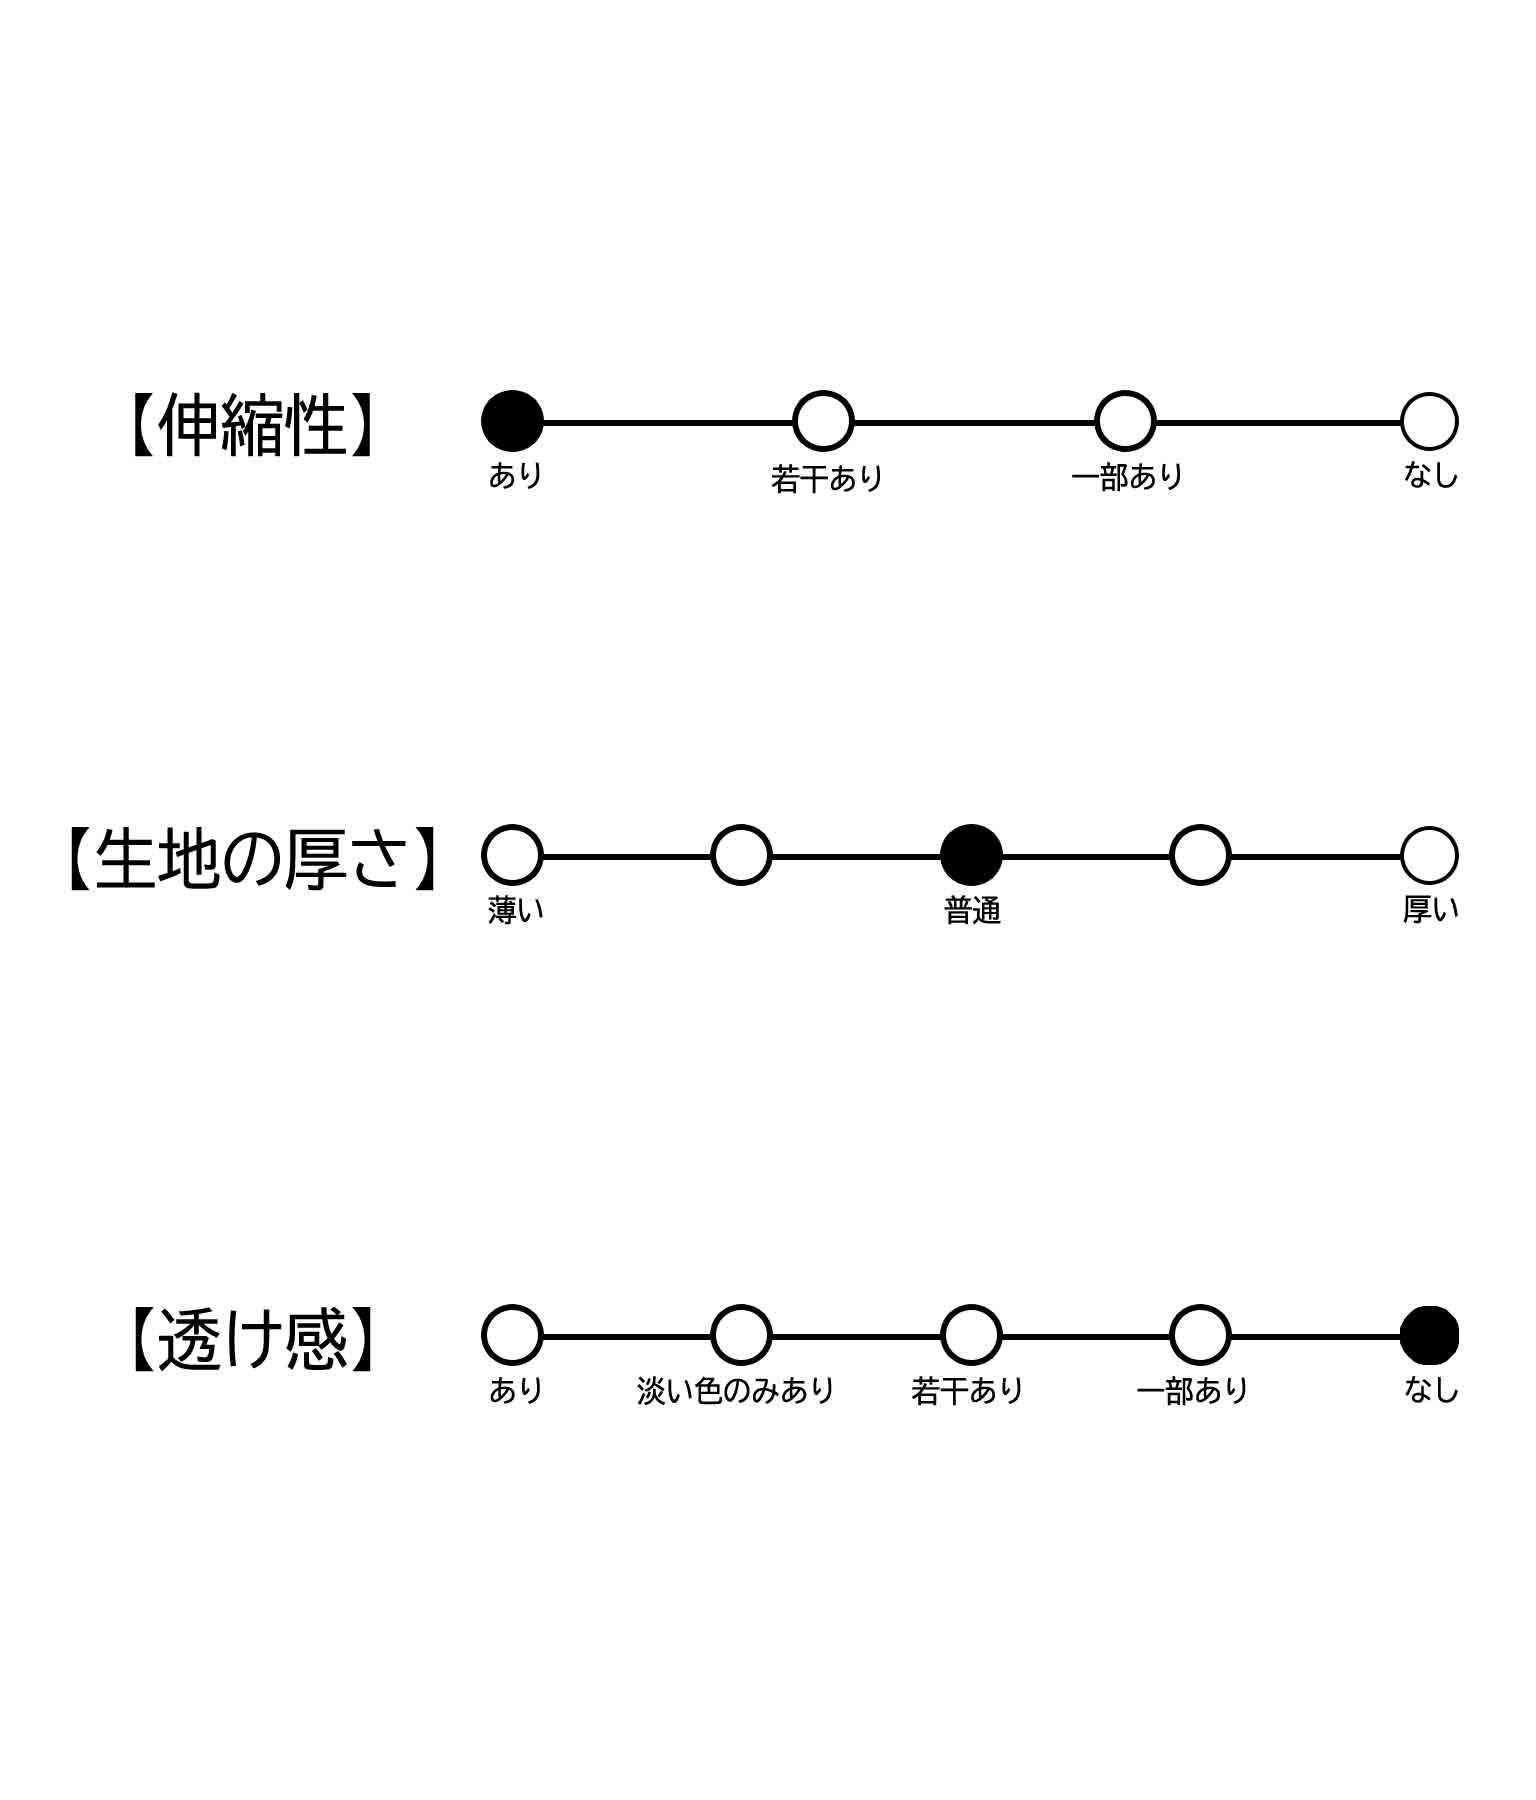 バックジップデザインクロップドニット | ANAP